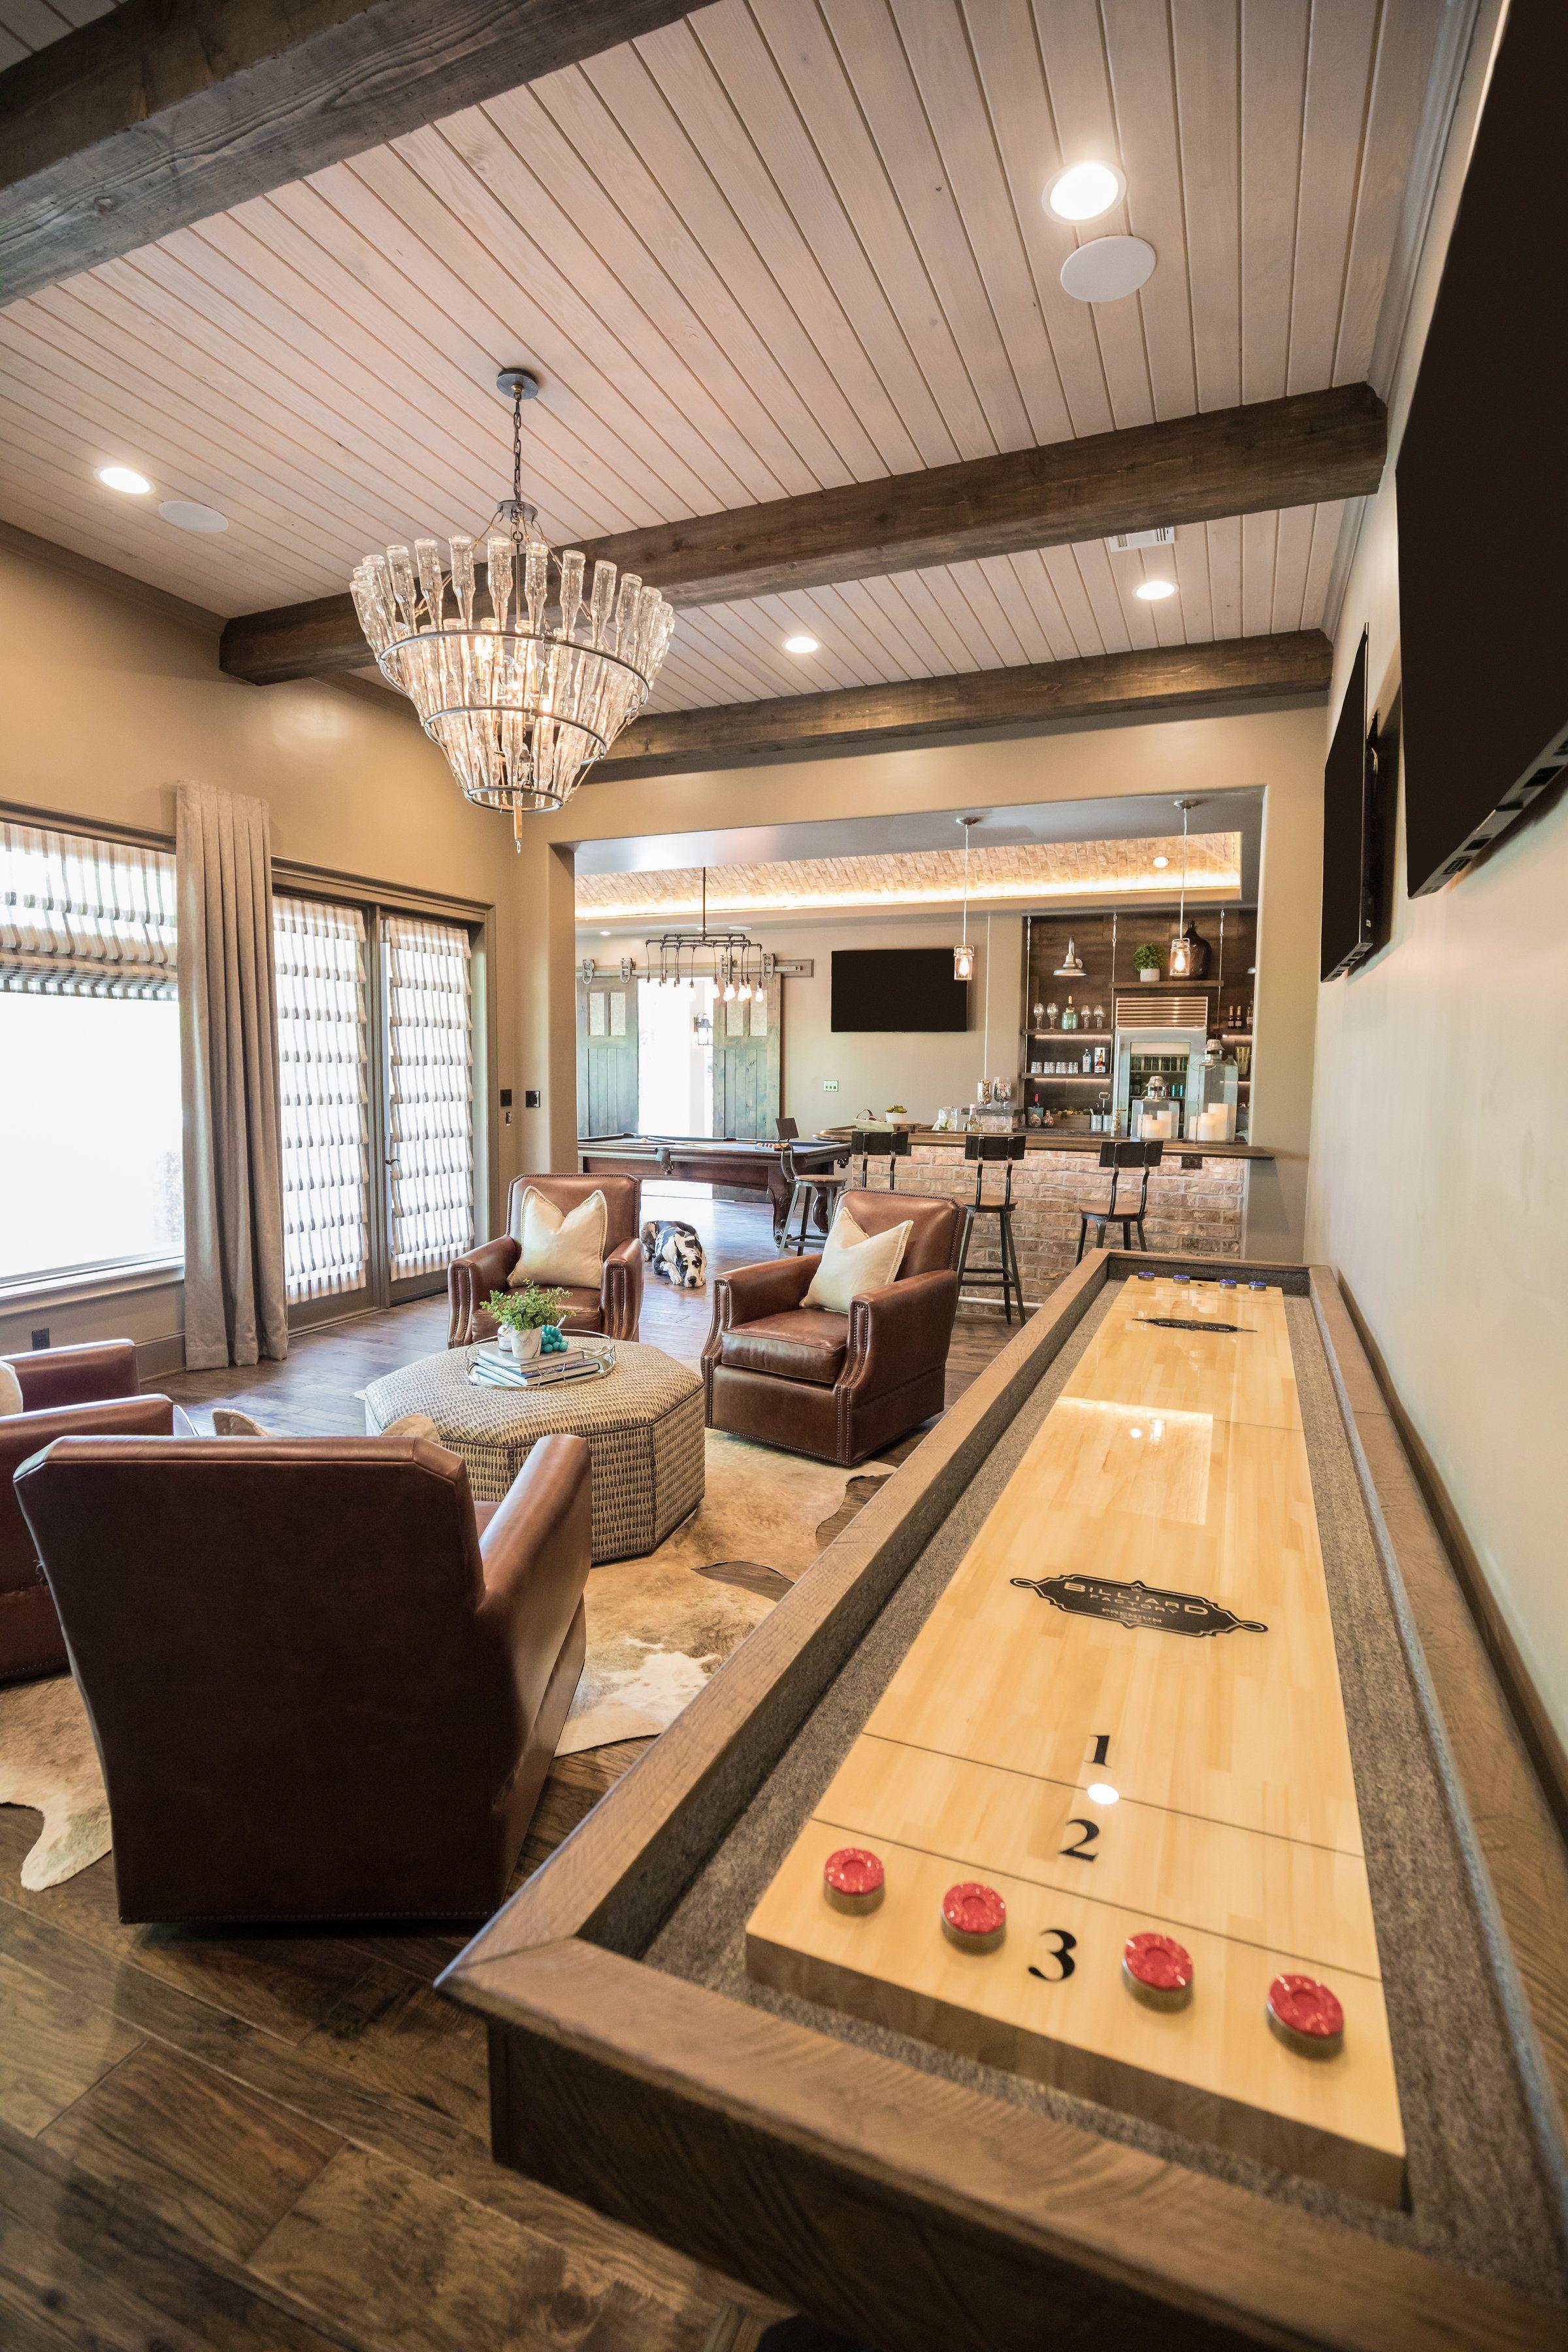 Morning Star Builders: Houston TX New Custom Homes